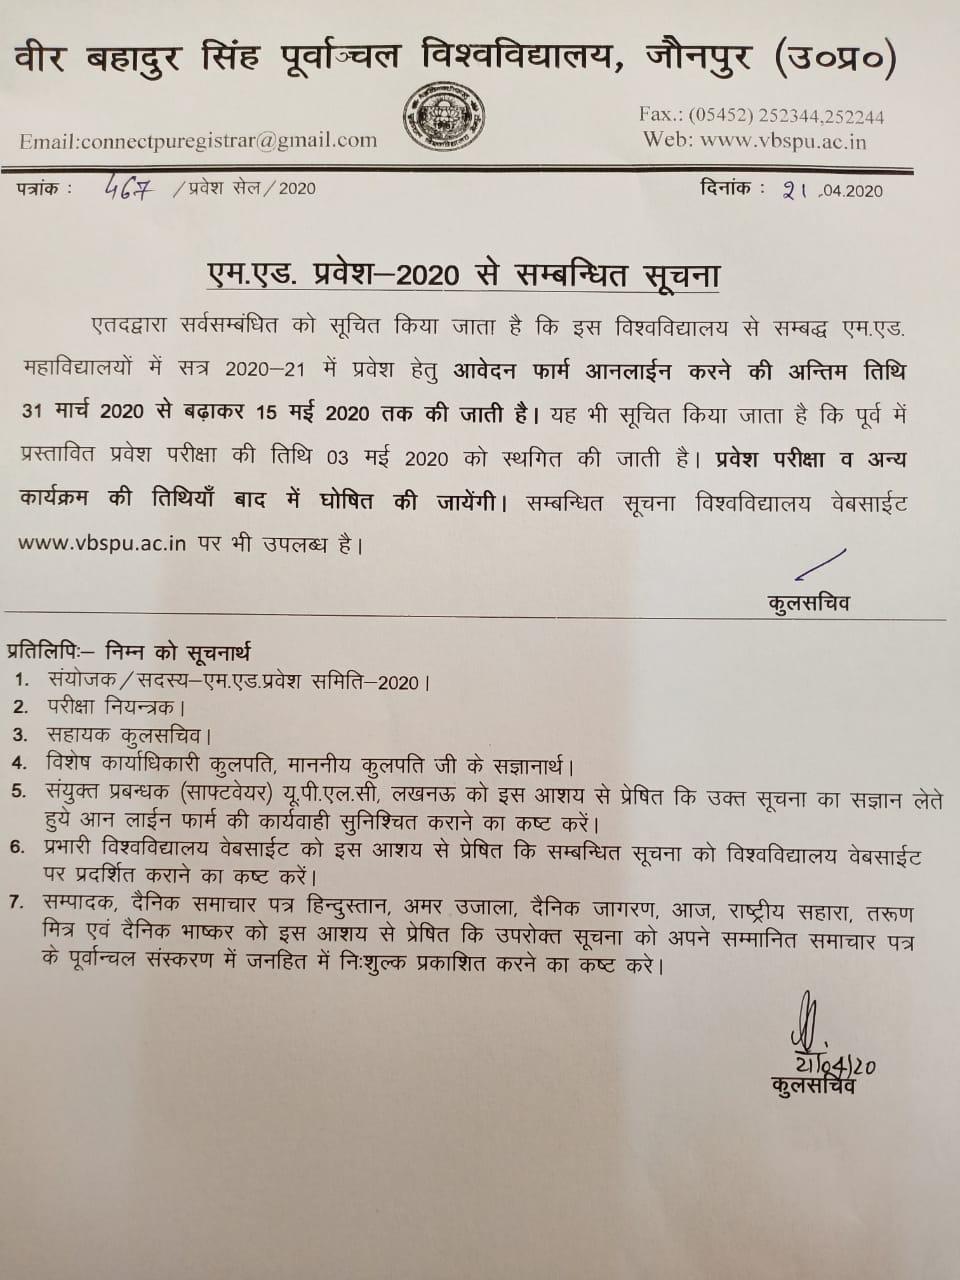 जौनपुर। वीर बहादुर सिंह पूर्वांचल विश्वविद्यालय के कुलसचिव सुजीत कुमार जायसवाल ने विश्वविद्यालय से संबद्ध महाविद्यालयों में सत्र 2020-21 में प्रवेश के लिए आवेदन फॉर्म ऑनलाइन करने की अंतिम तिथि 31 मार्च 2020 से बढ़ाकर 15 मई 2020 तक कर दी है। उन्होंने यह भी सूचना दिया है कि पूर्व में प्रस्तावित प्रवेश परीक्षा की तिथि 3 मई 2020 को स्थगित की जाती है। प्रवेश परीक्षा व अन्य कार्यक्रम की तिथियां बाद में घोषित की जायेंगी। यह सूचना आपको विश्वविद्यालय की वेबसाइट पर भी मिलेगी।